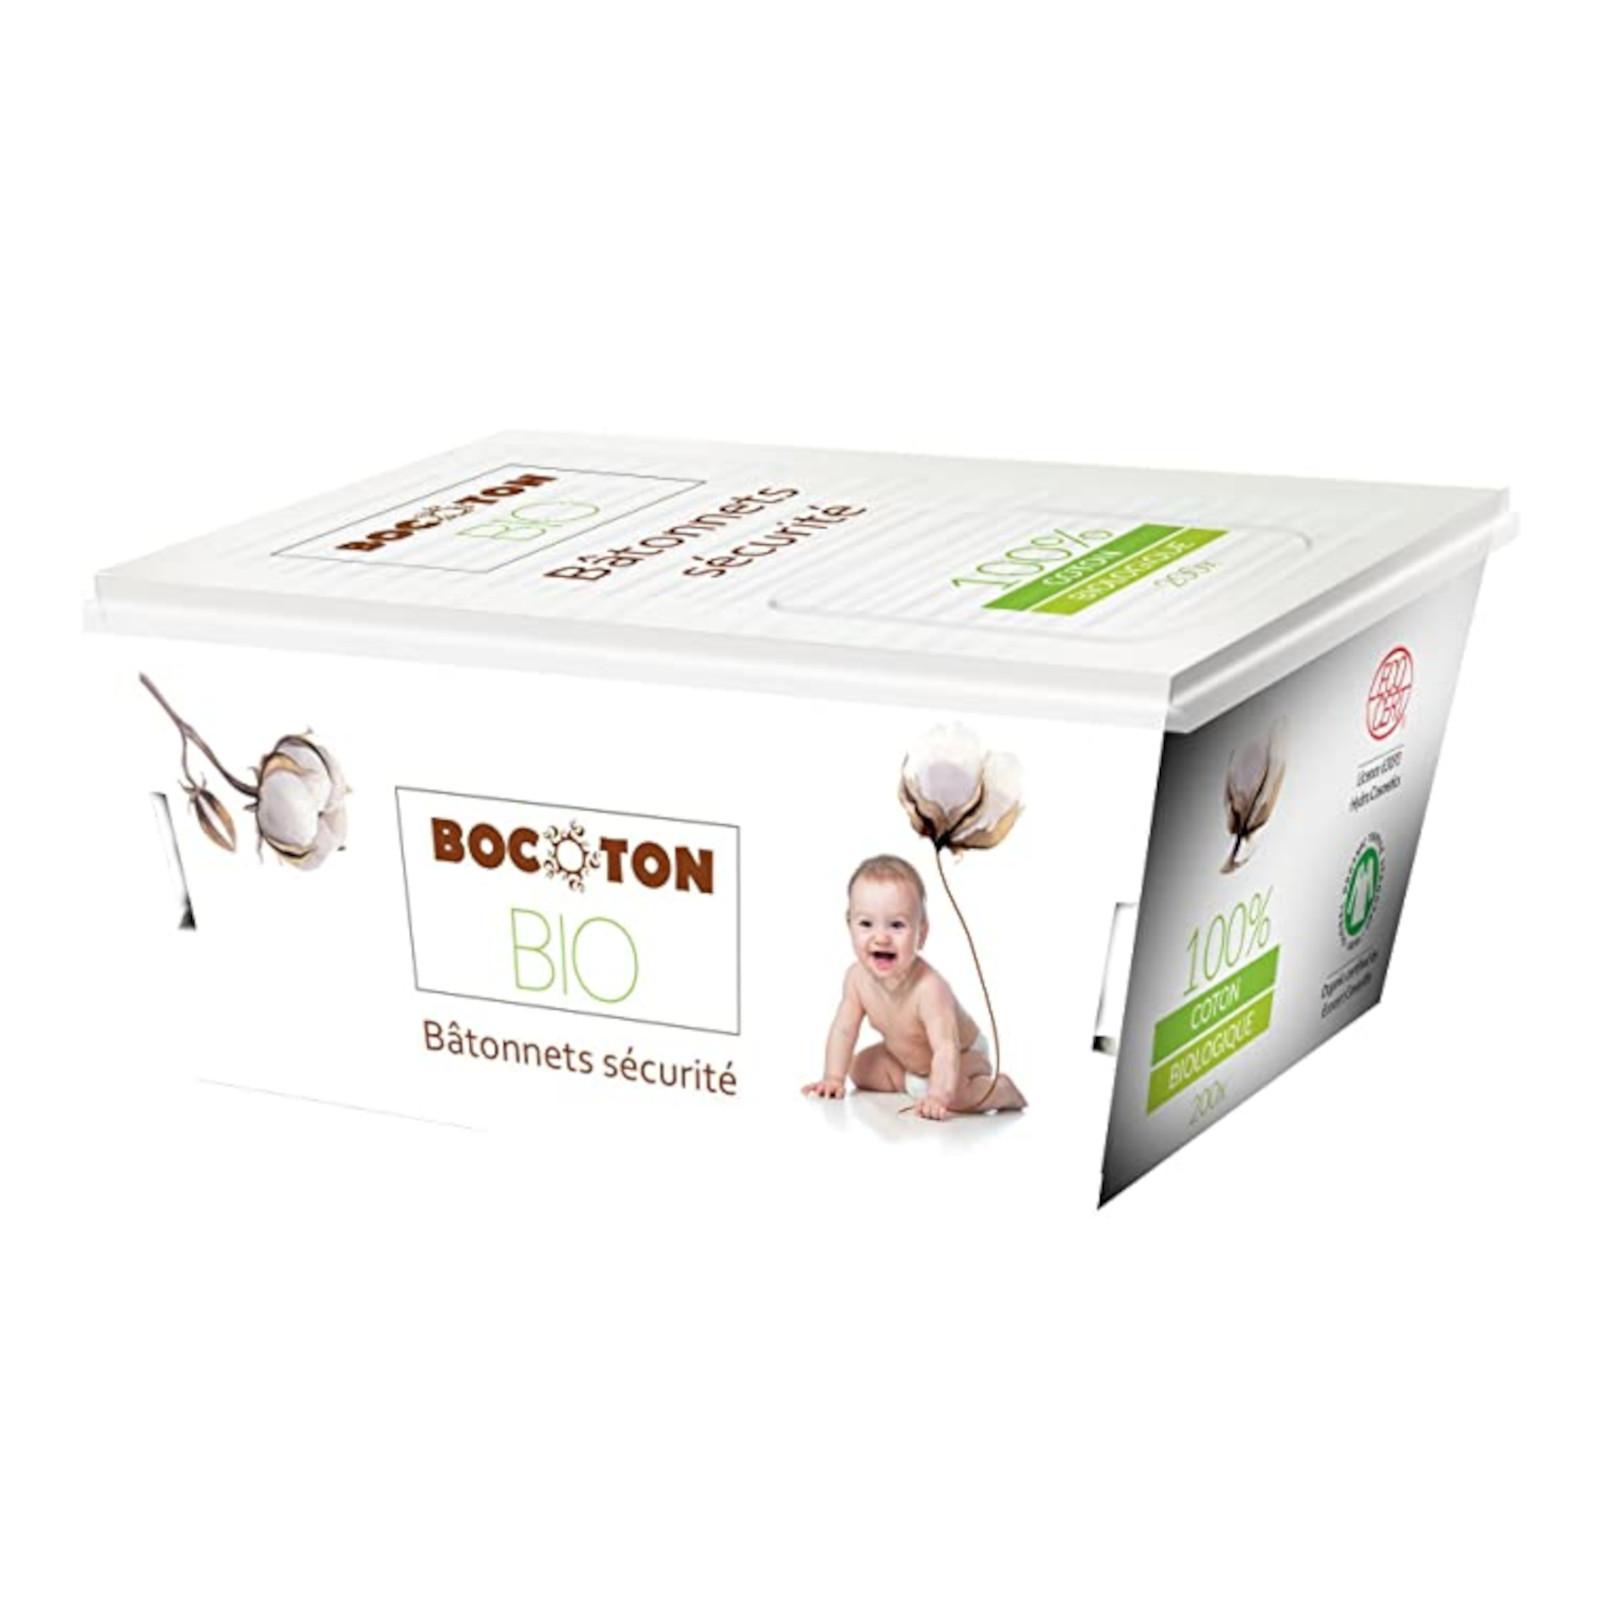 Bocoton Vatové tyčinky z biobavlny pro děti, cotton safety buds 60 ks